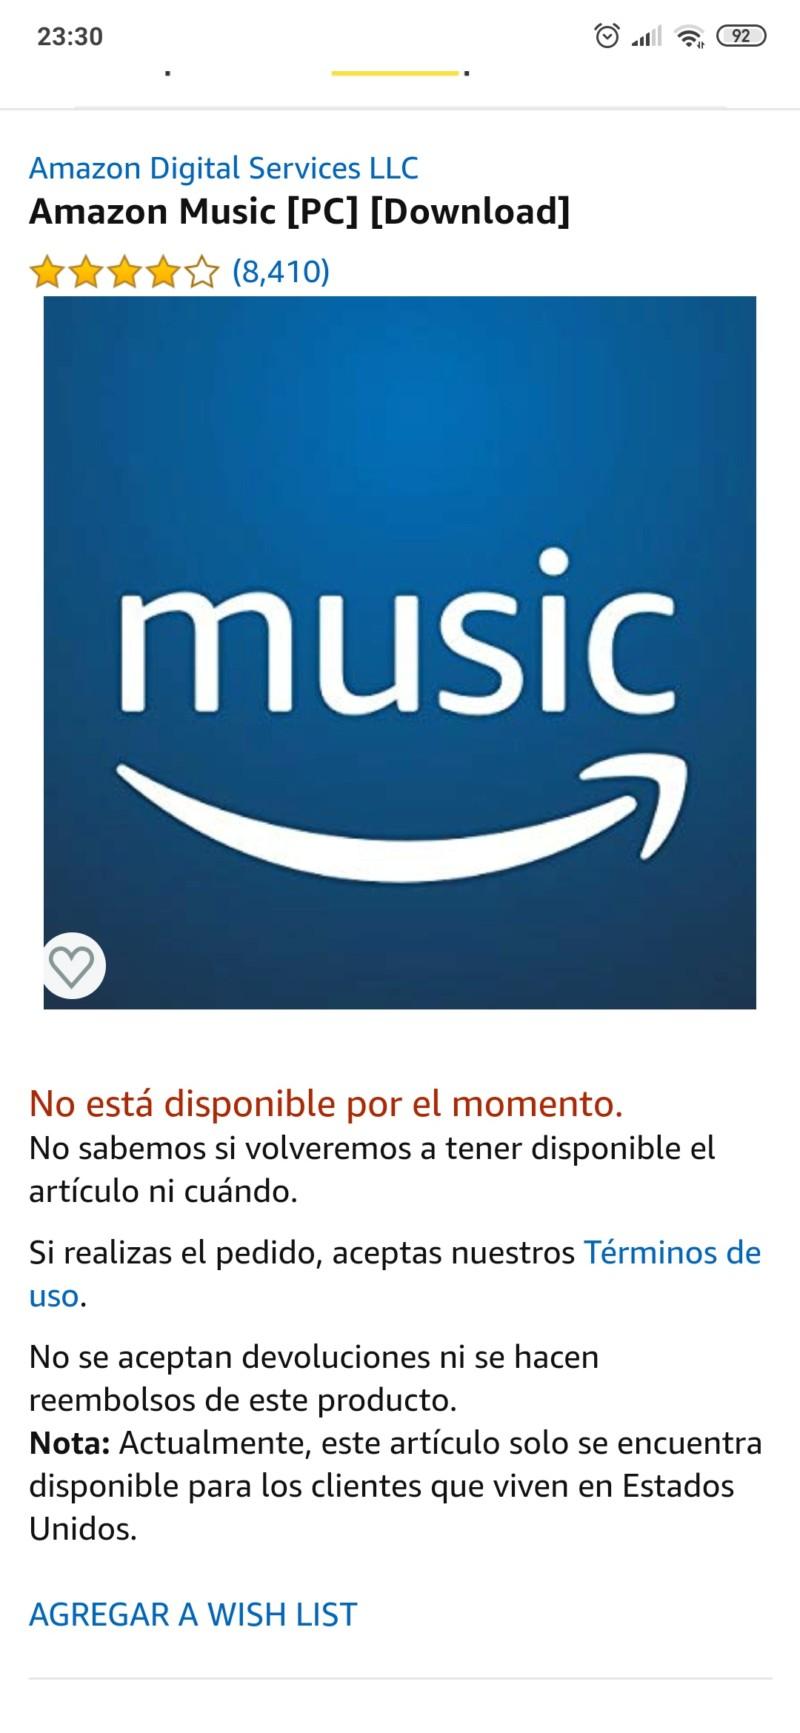 Amazon Music ofrecerá modalidad CD (44/16) y HD (192/24) 20190925